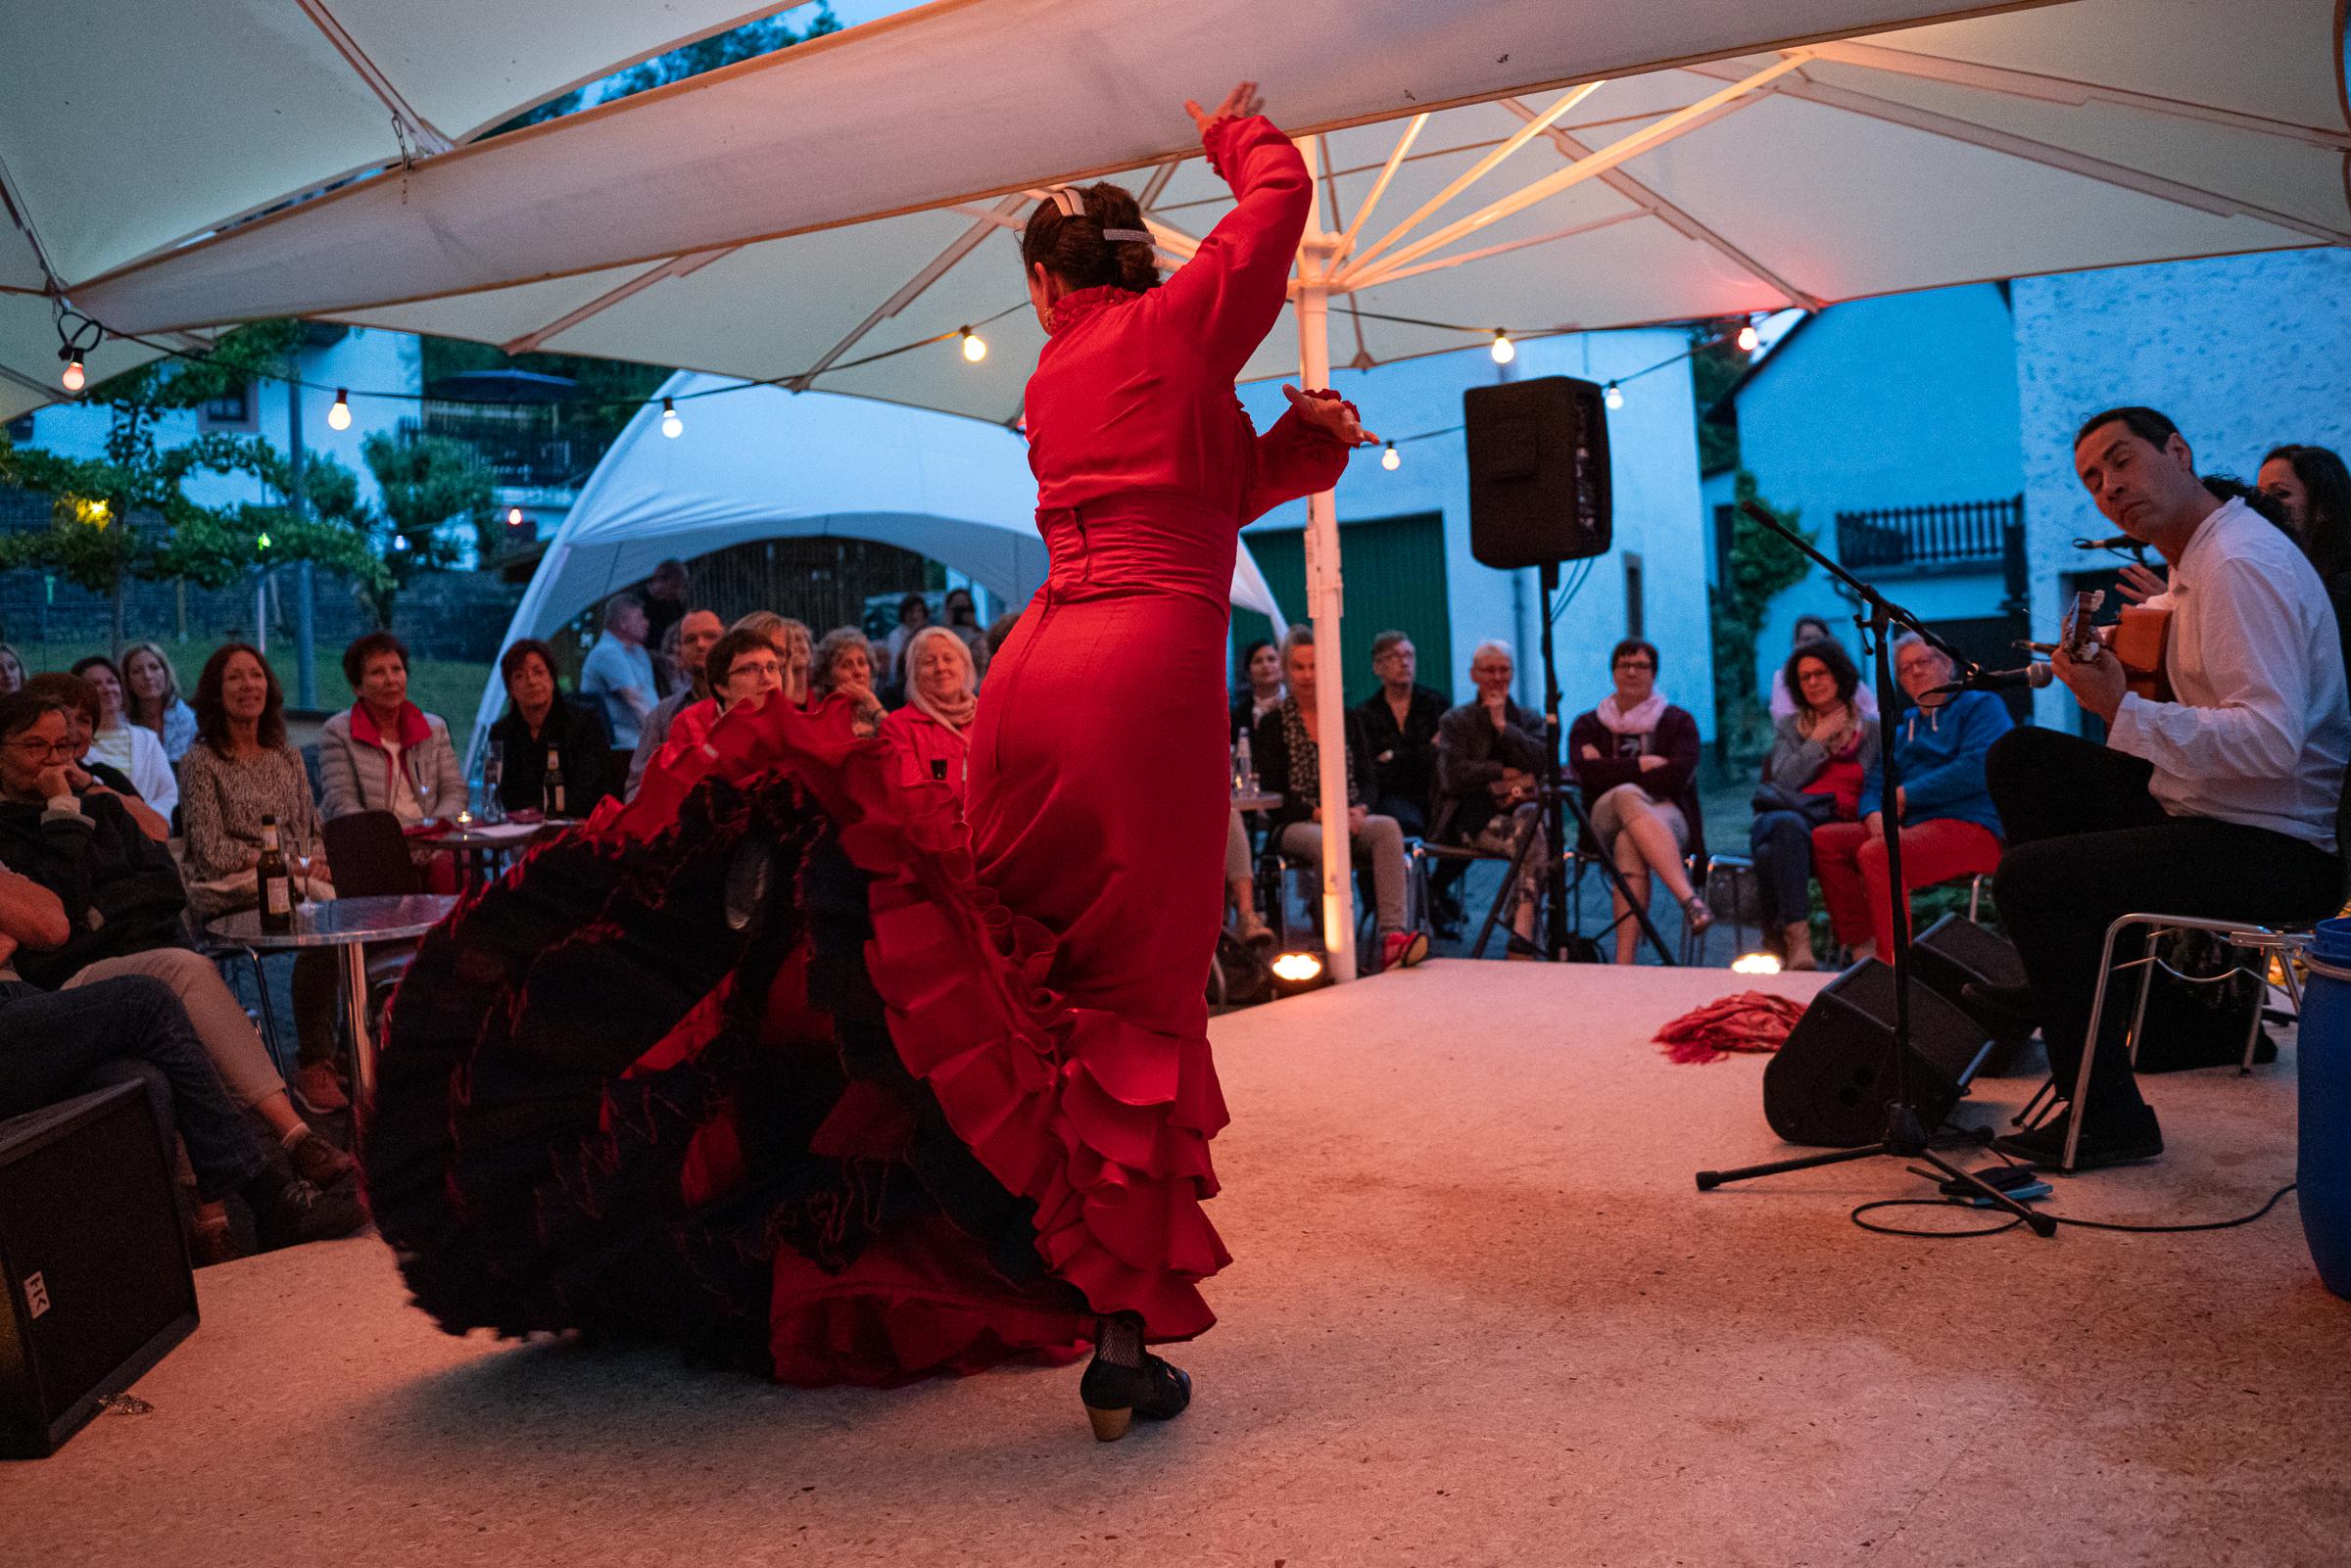 14.06.2019 - Sabrina Le Guen 'Flamenco & Tapas'